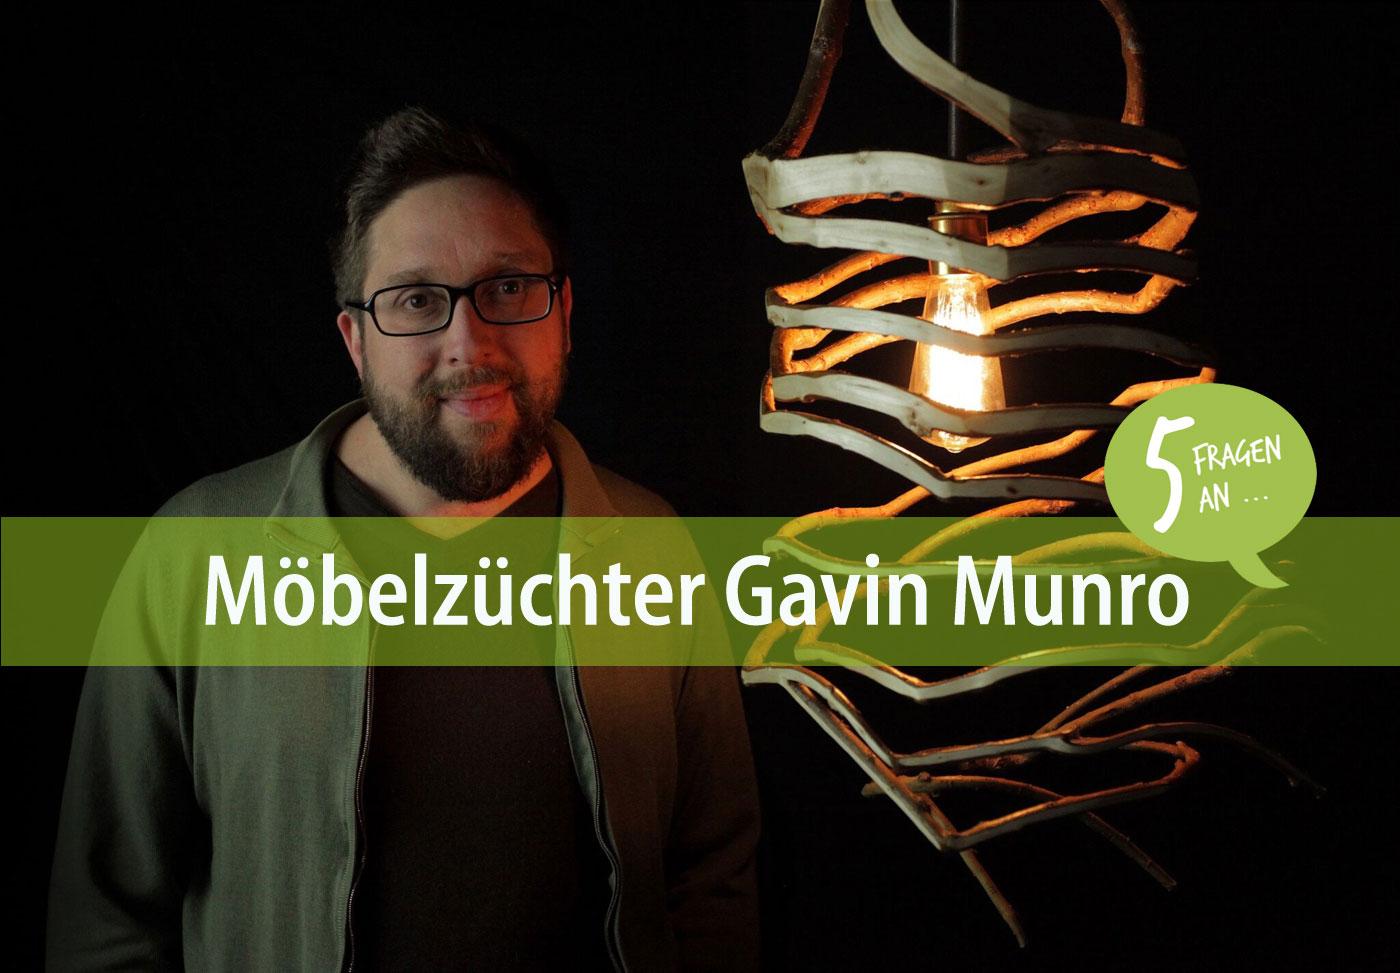 Gavin Munro mit einem seiner gezüchteten Lampenschirme. Foto: privat